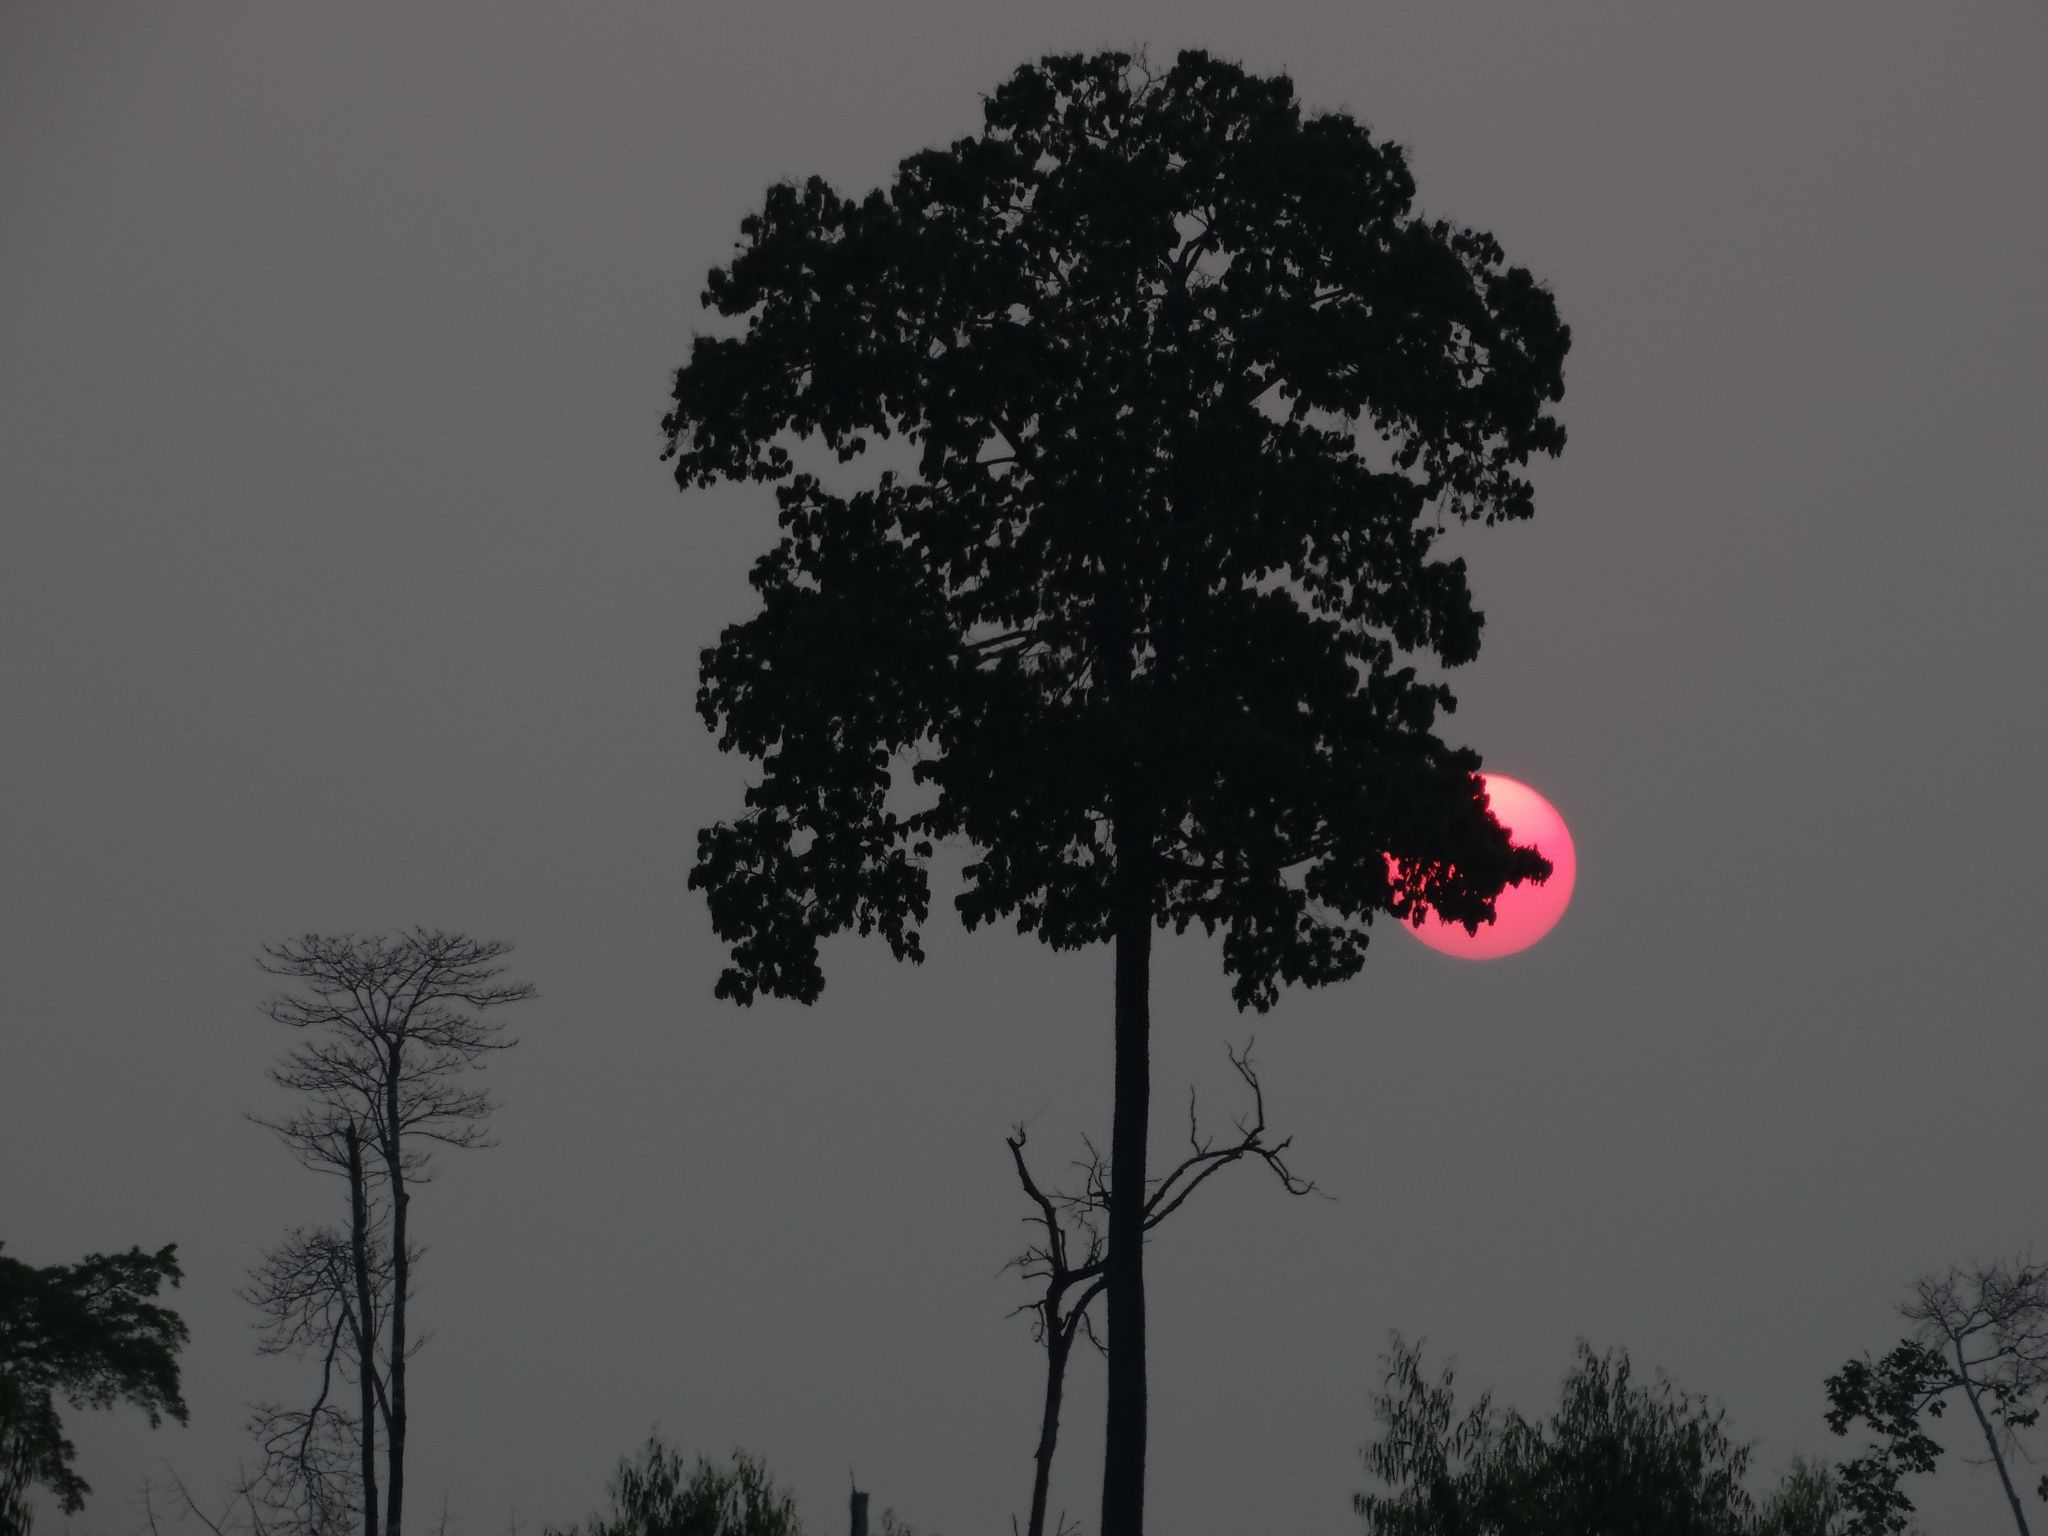 Anoitecer amazônico - Dusk Amazon. - Image no edition.